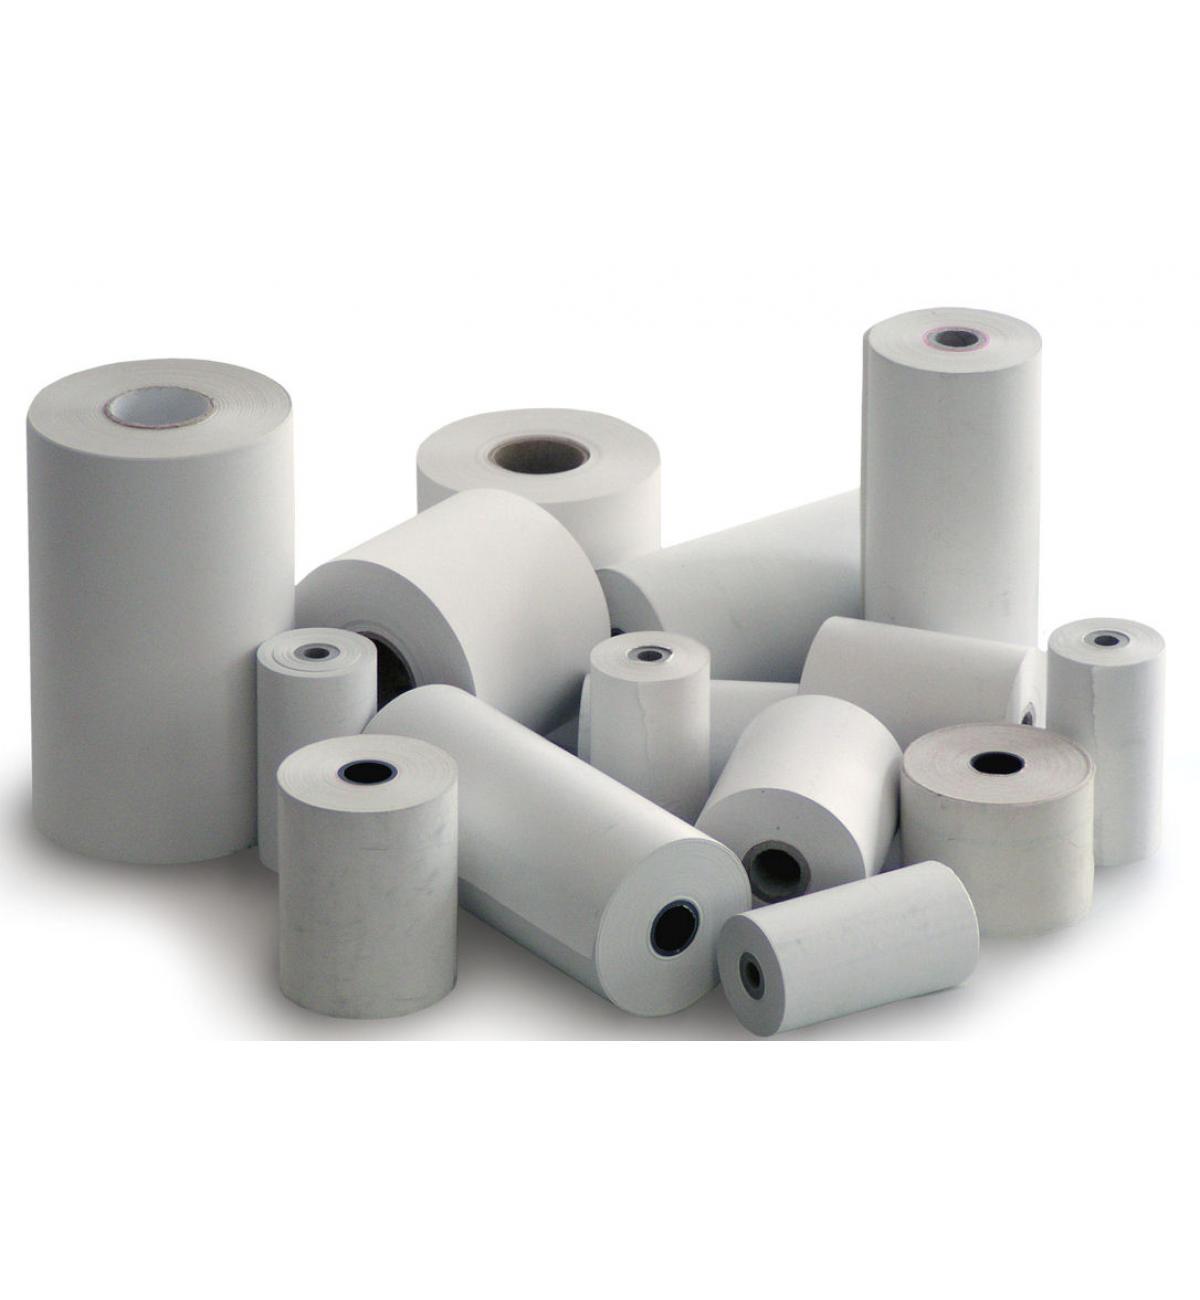 Papír.kotouček Š76/N80/D12 5pack (TM-U220)